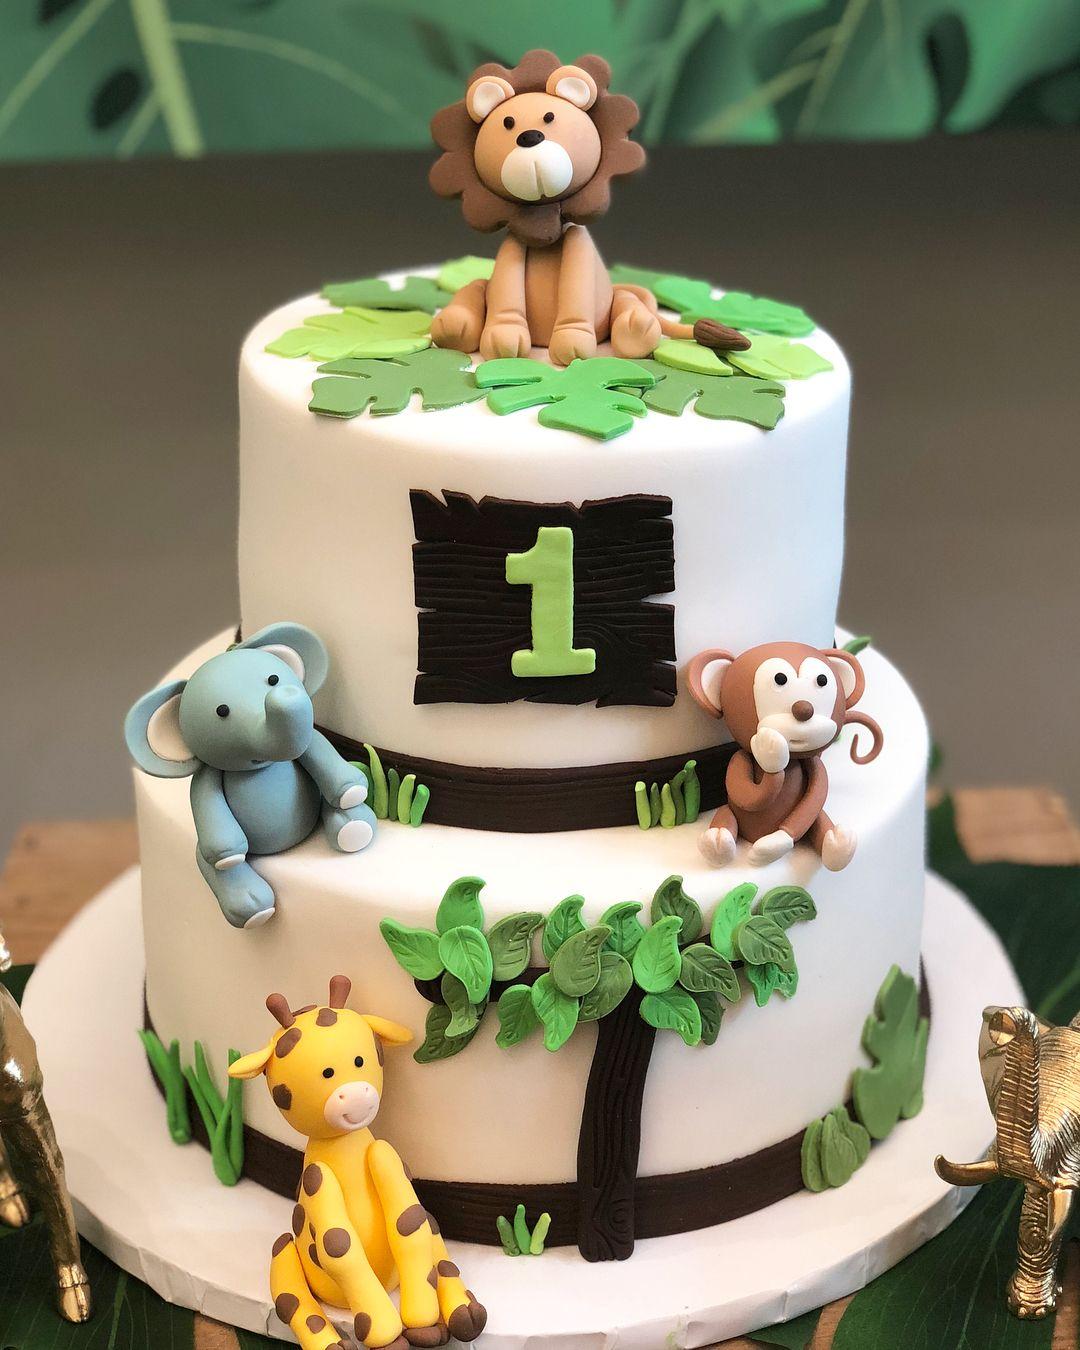 суше картинка для торта в стиле сафари трогательные